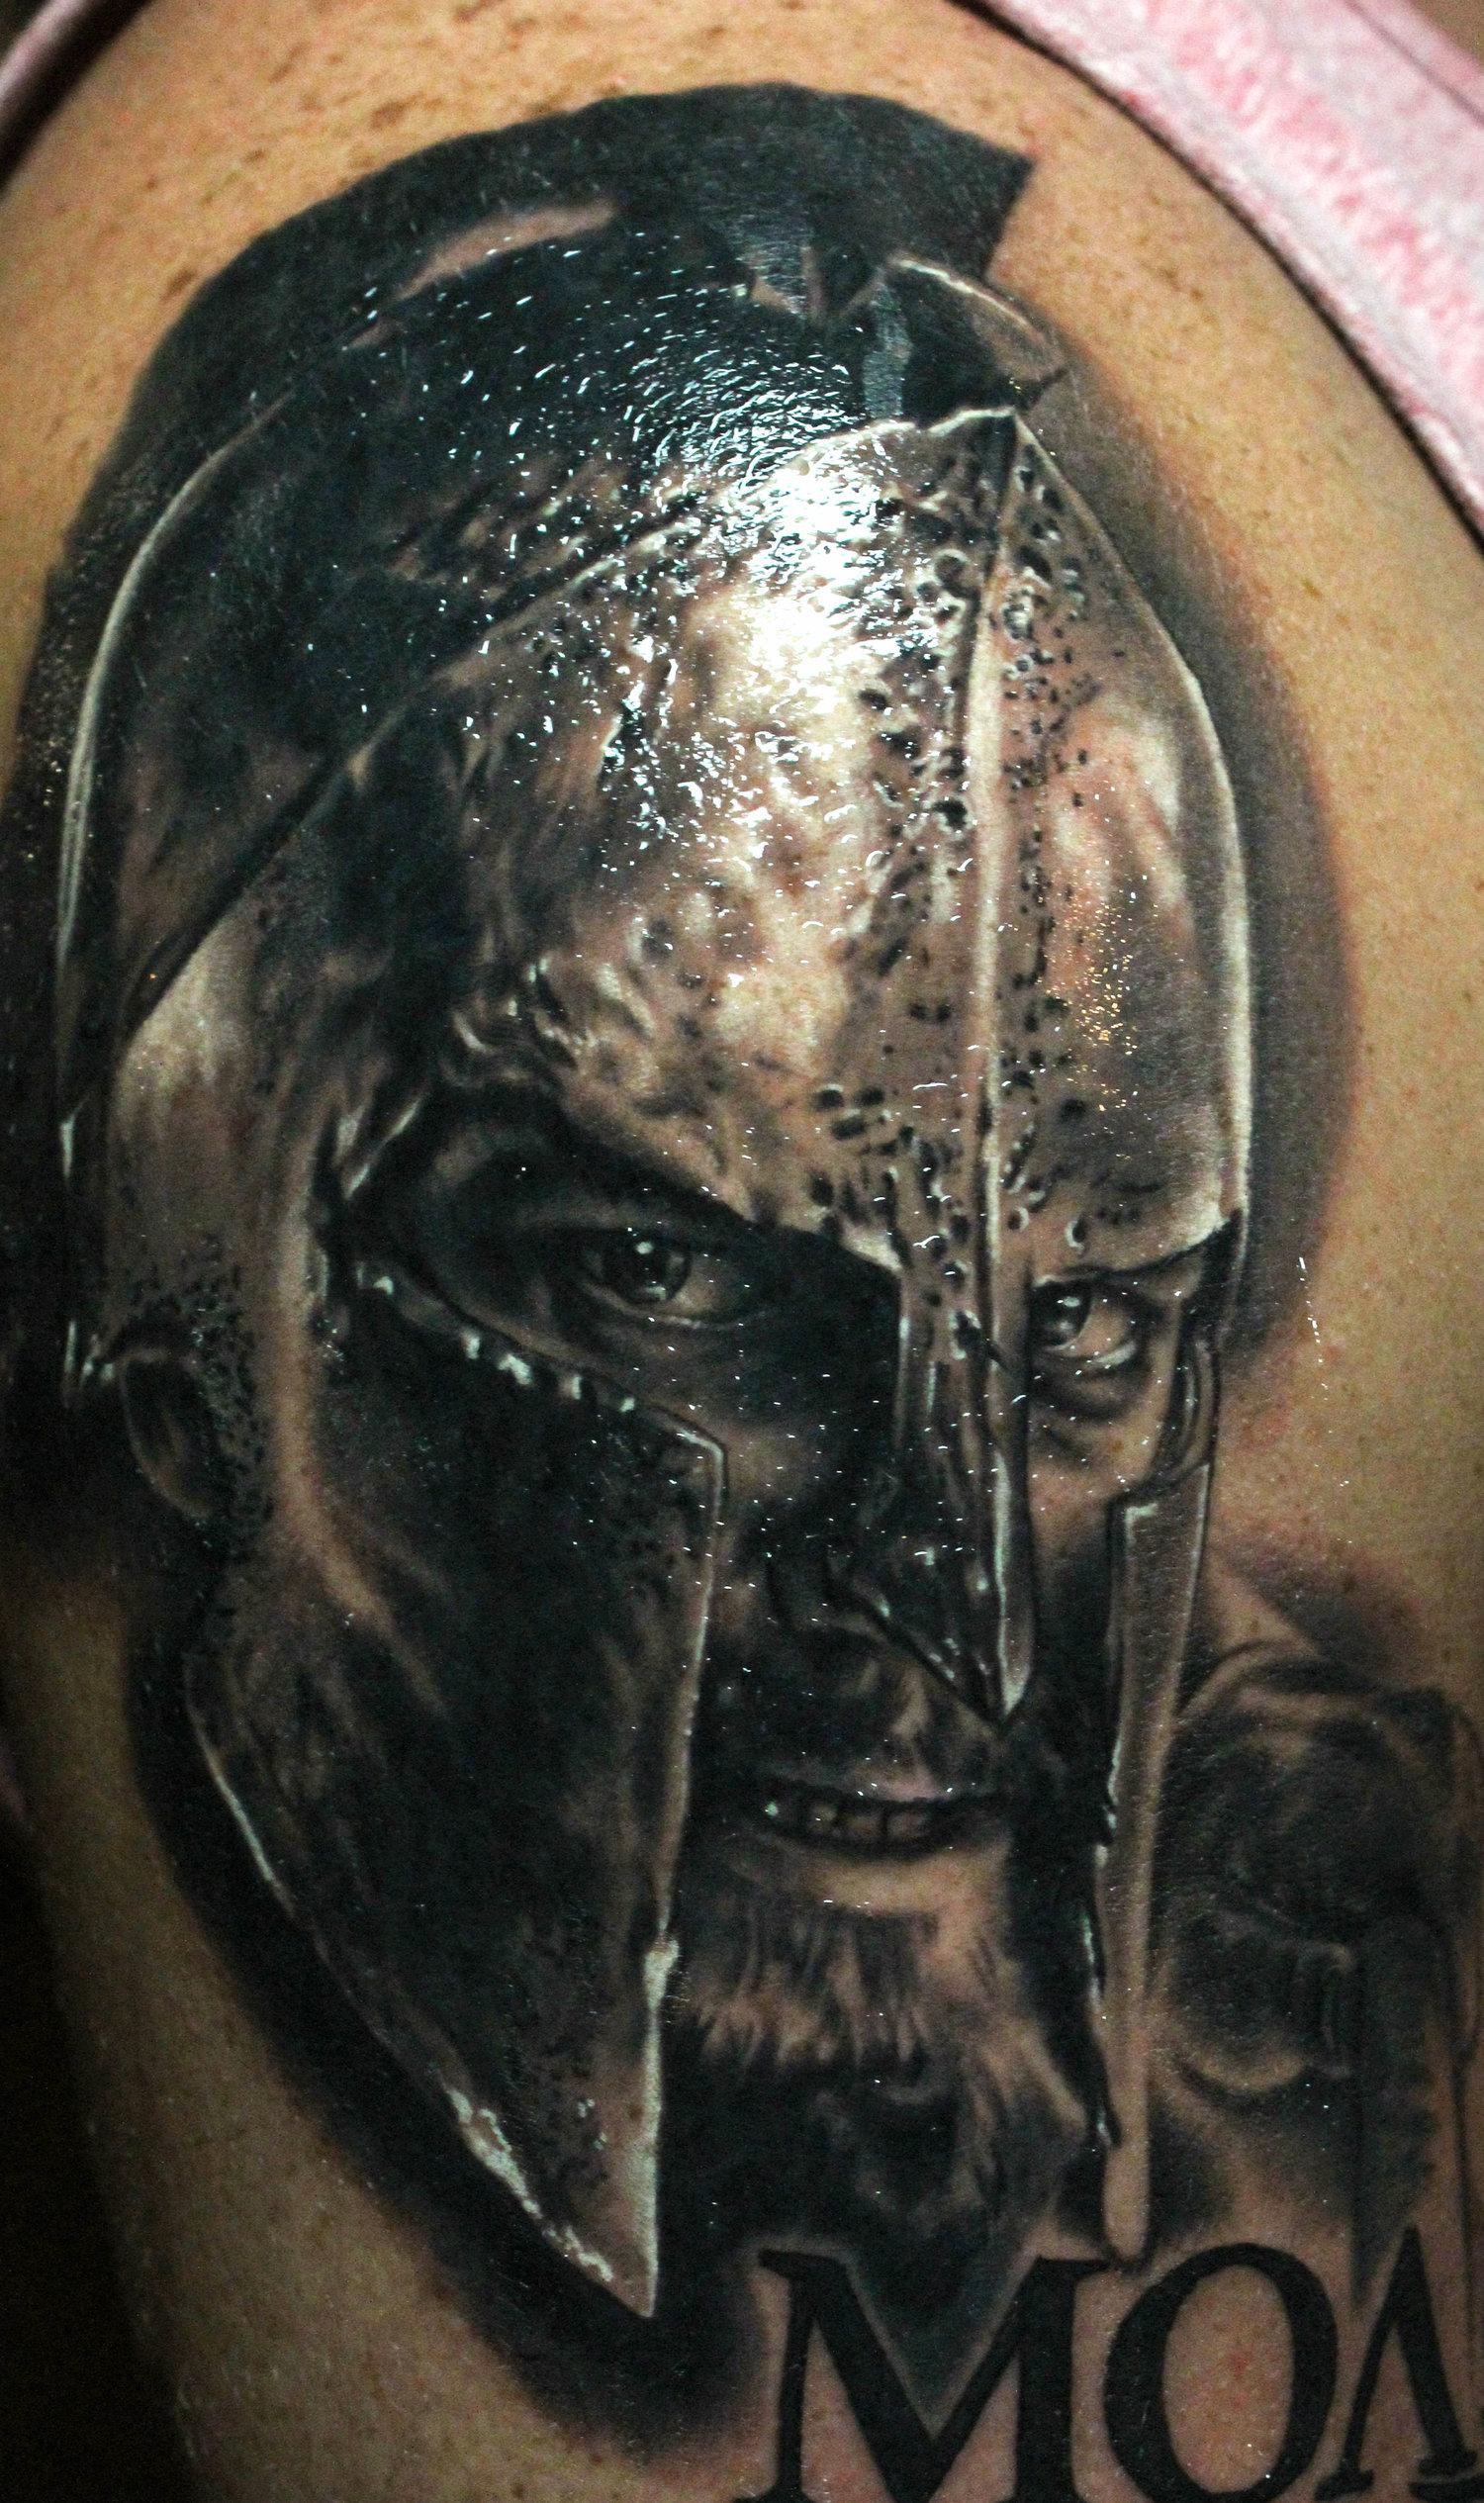 molon labe spartan tattoo